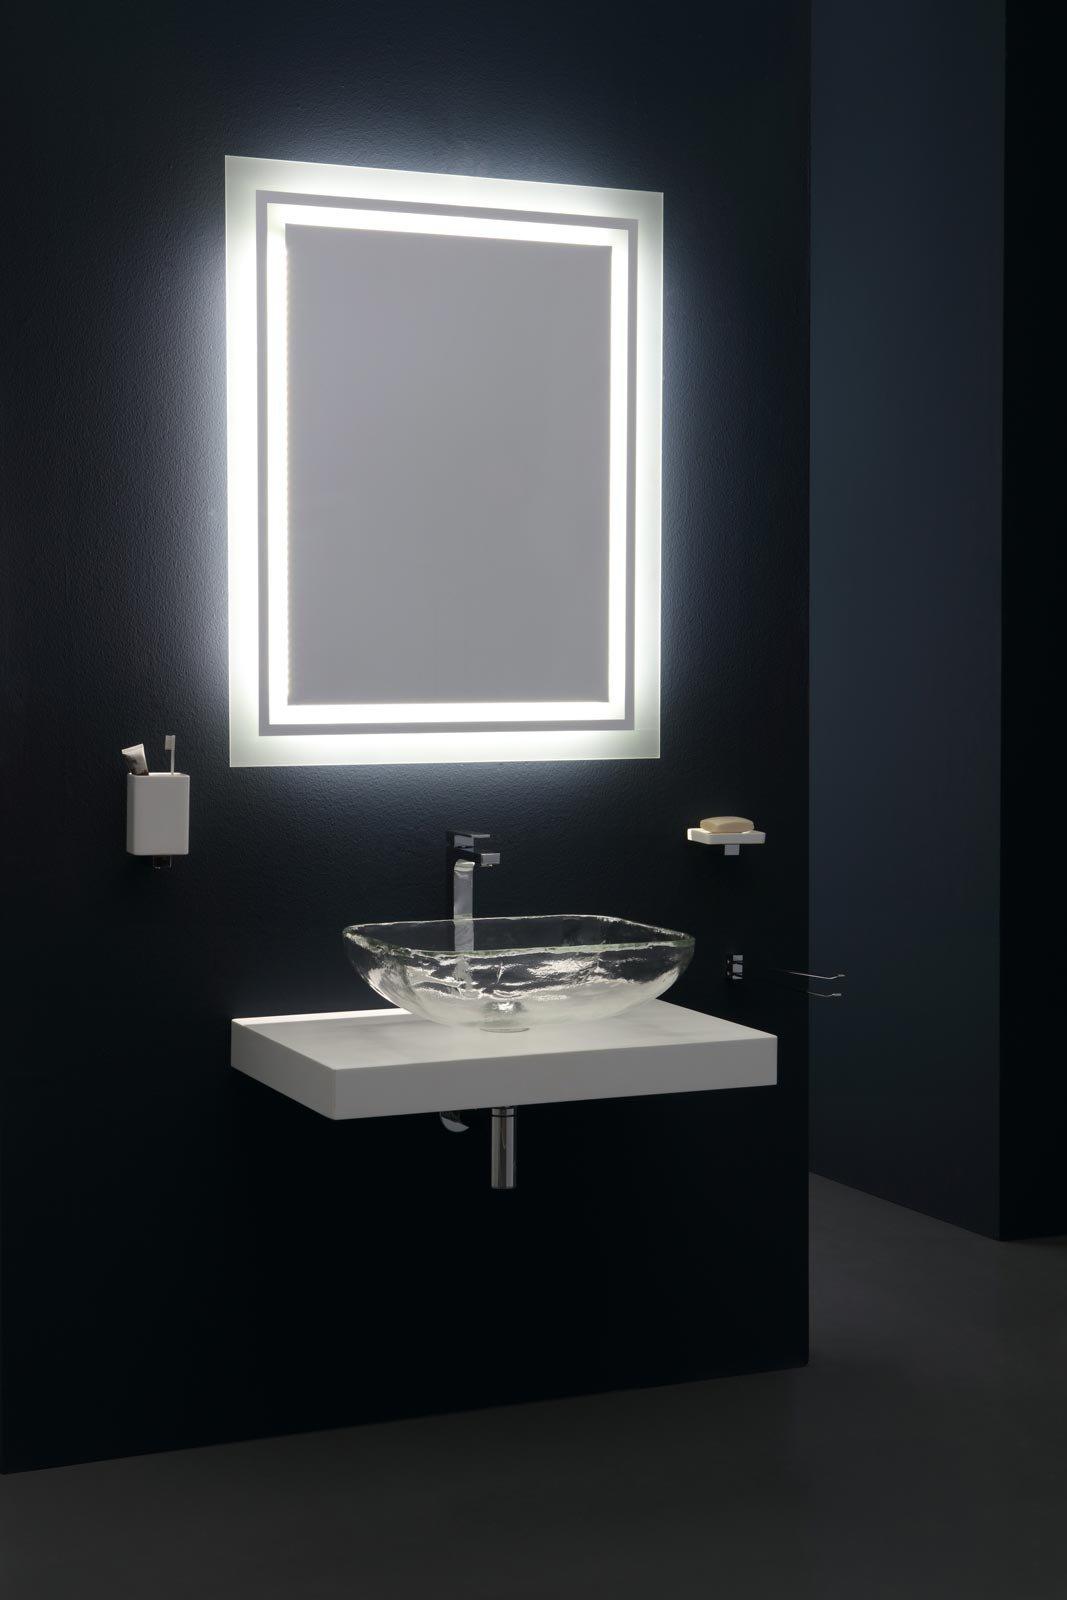 Specchi per arredo bagno mobile arredo bagno cm con - Specchi moderni bagno ...